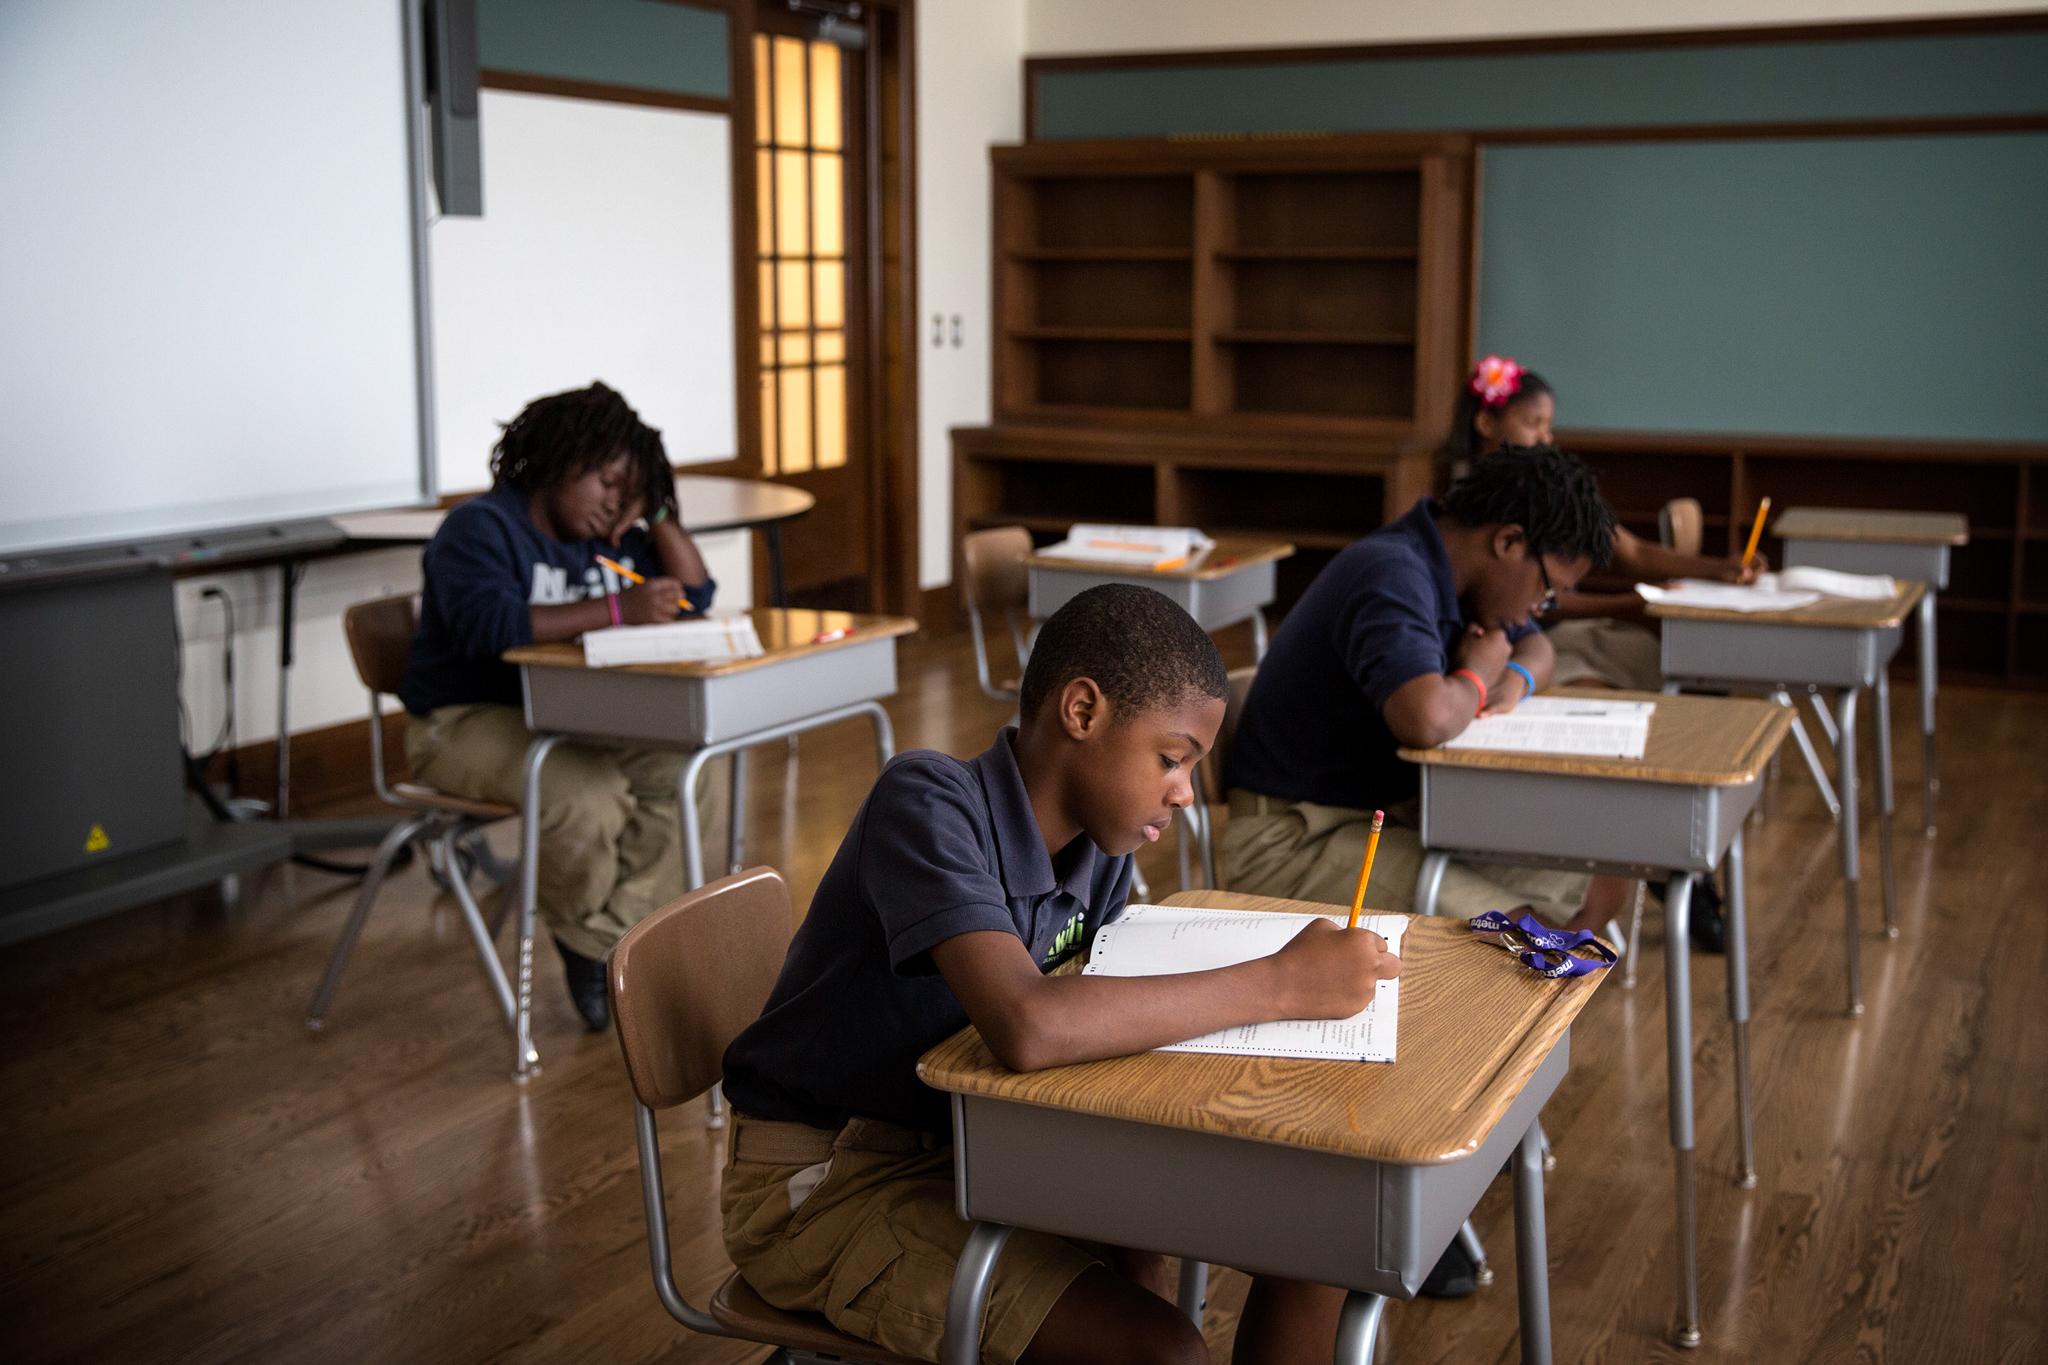 Niños en los pupitres de un aula escolar (© Edmund D. Fountain para The Washington Post/Getty Images)